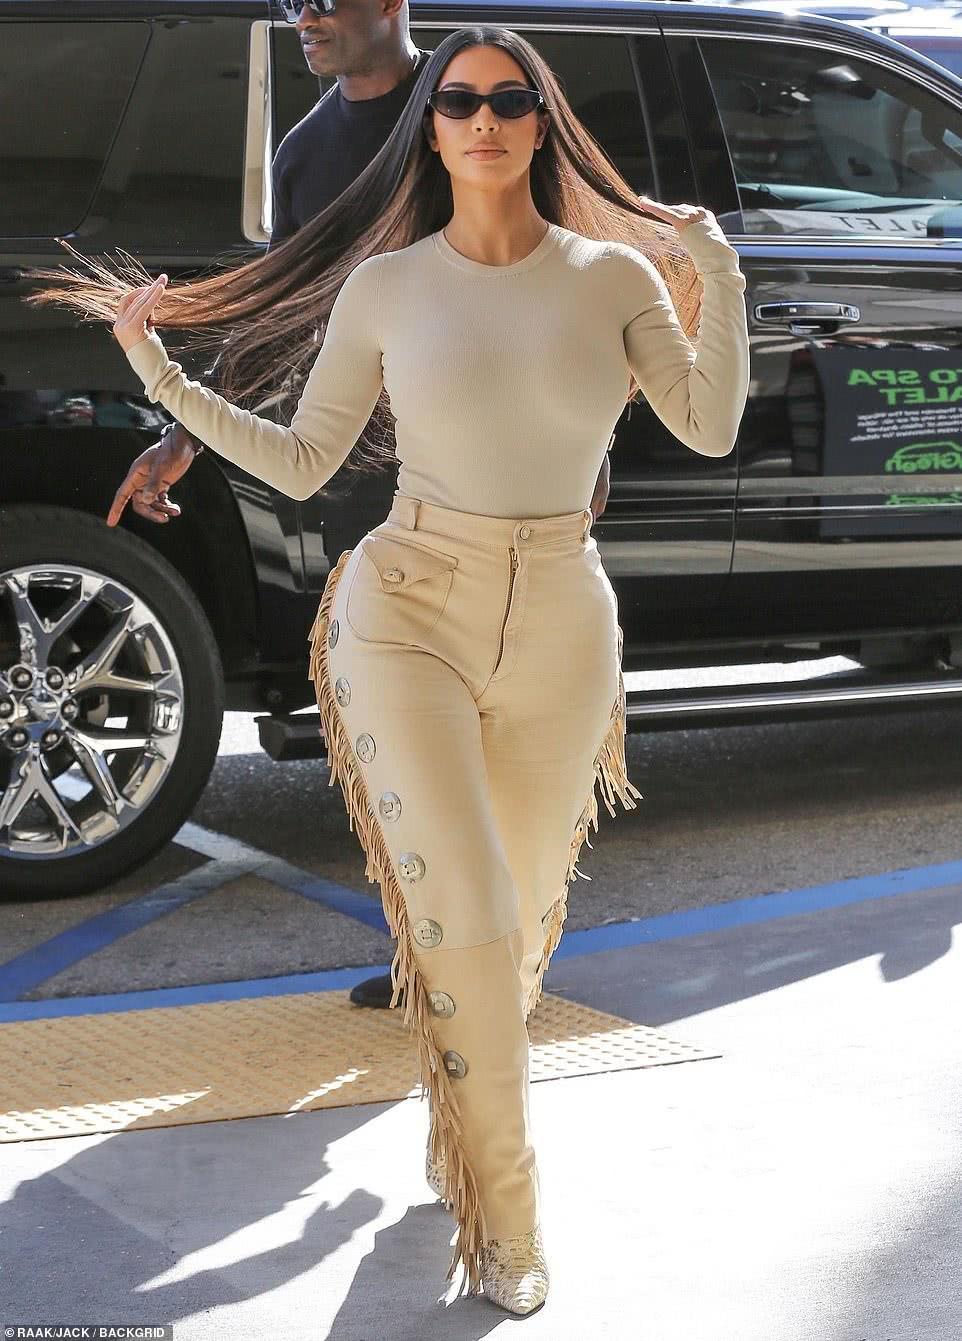 金·卡戴珊一身奶油色出街,流苏皮裤难掩沙漏身姿,爱上牛仔风